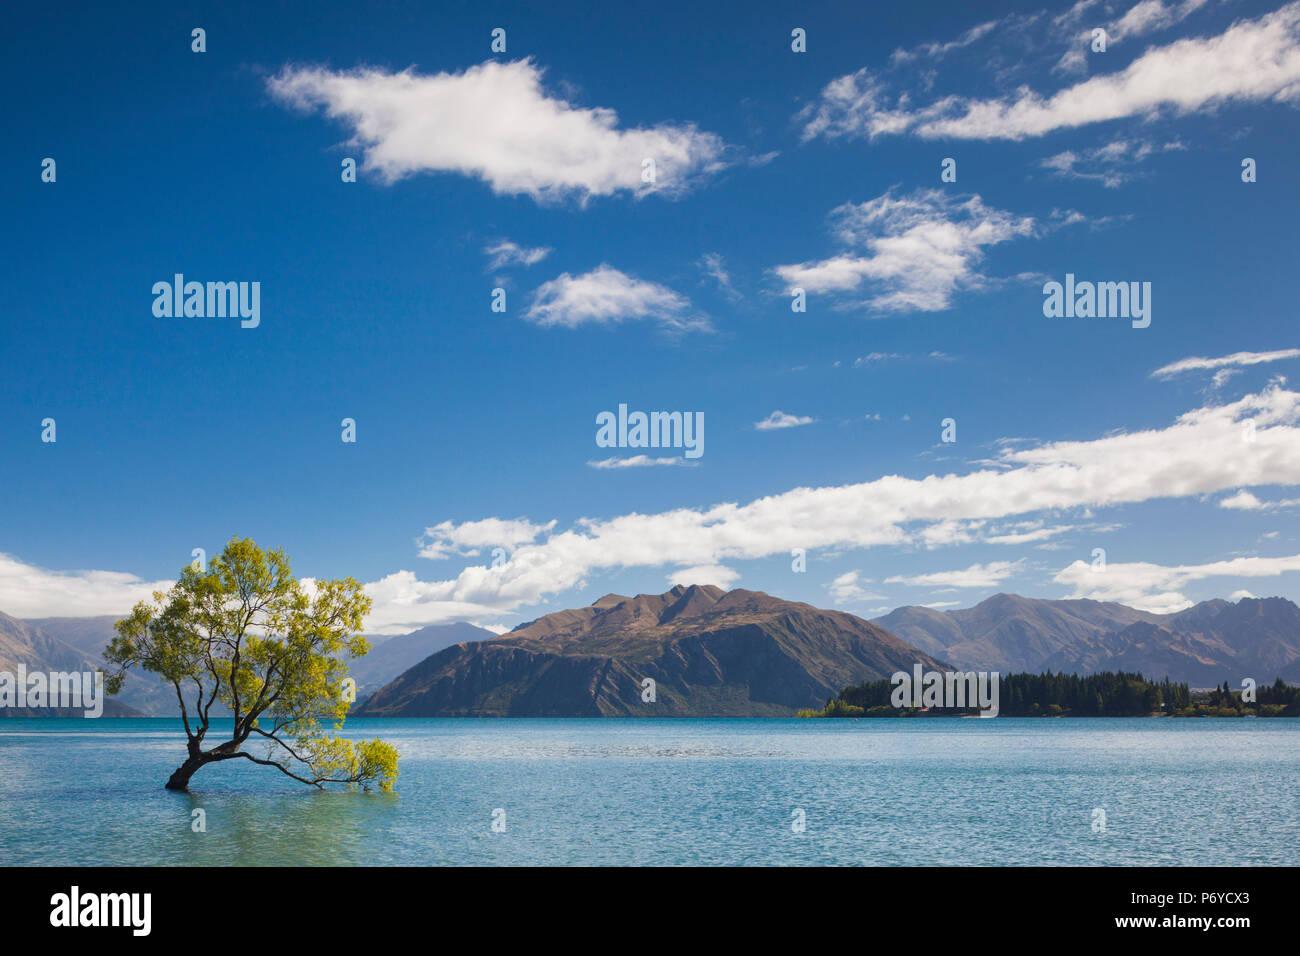 Nouvelle Zélande, île du Sud, Otago, Lac Wanaka, Wanaka, arbre solitaire Banque D'Images